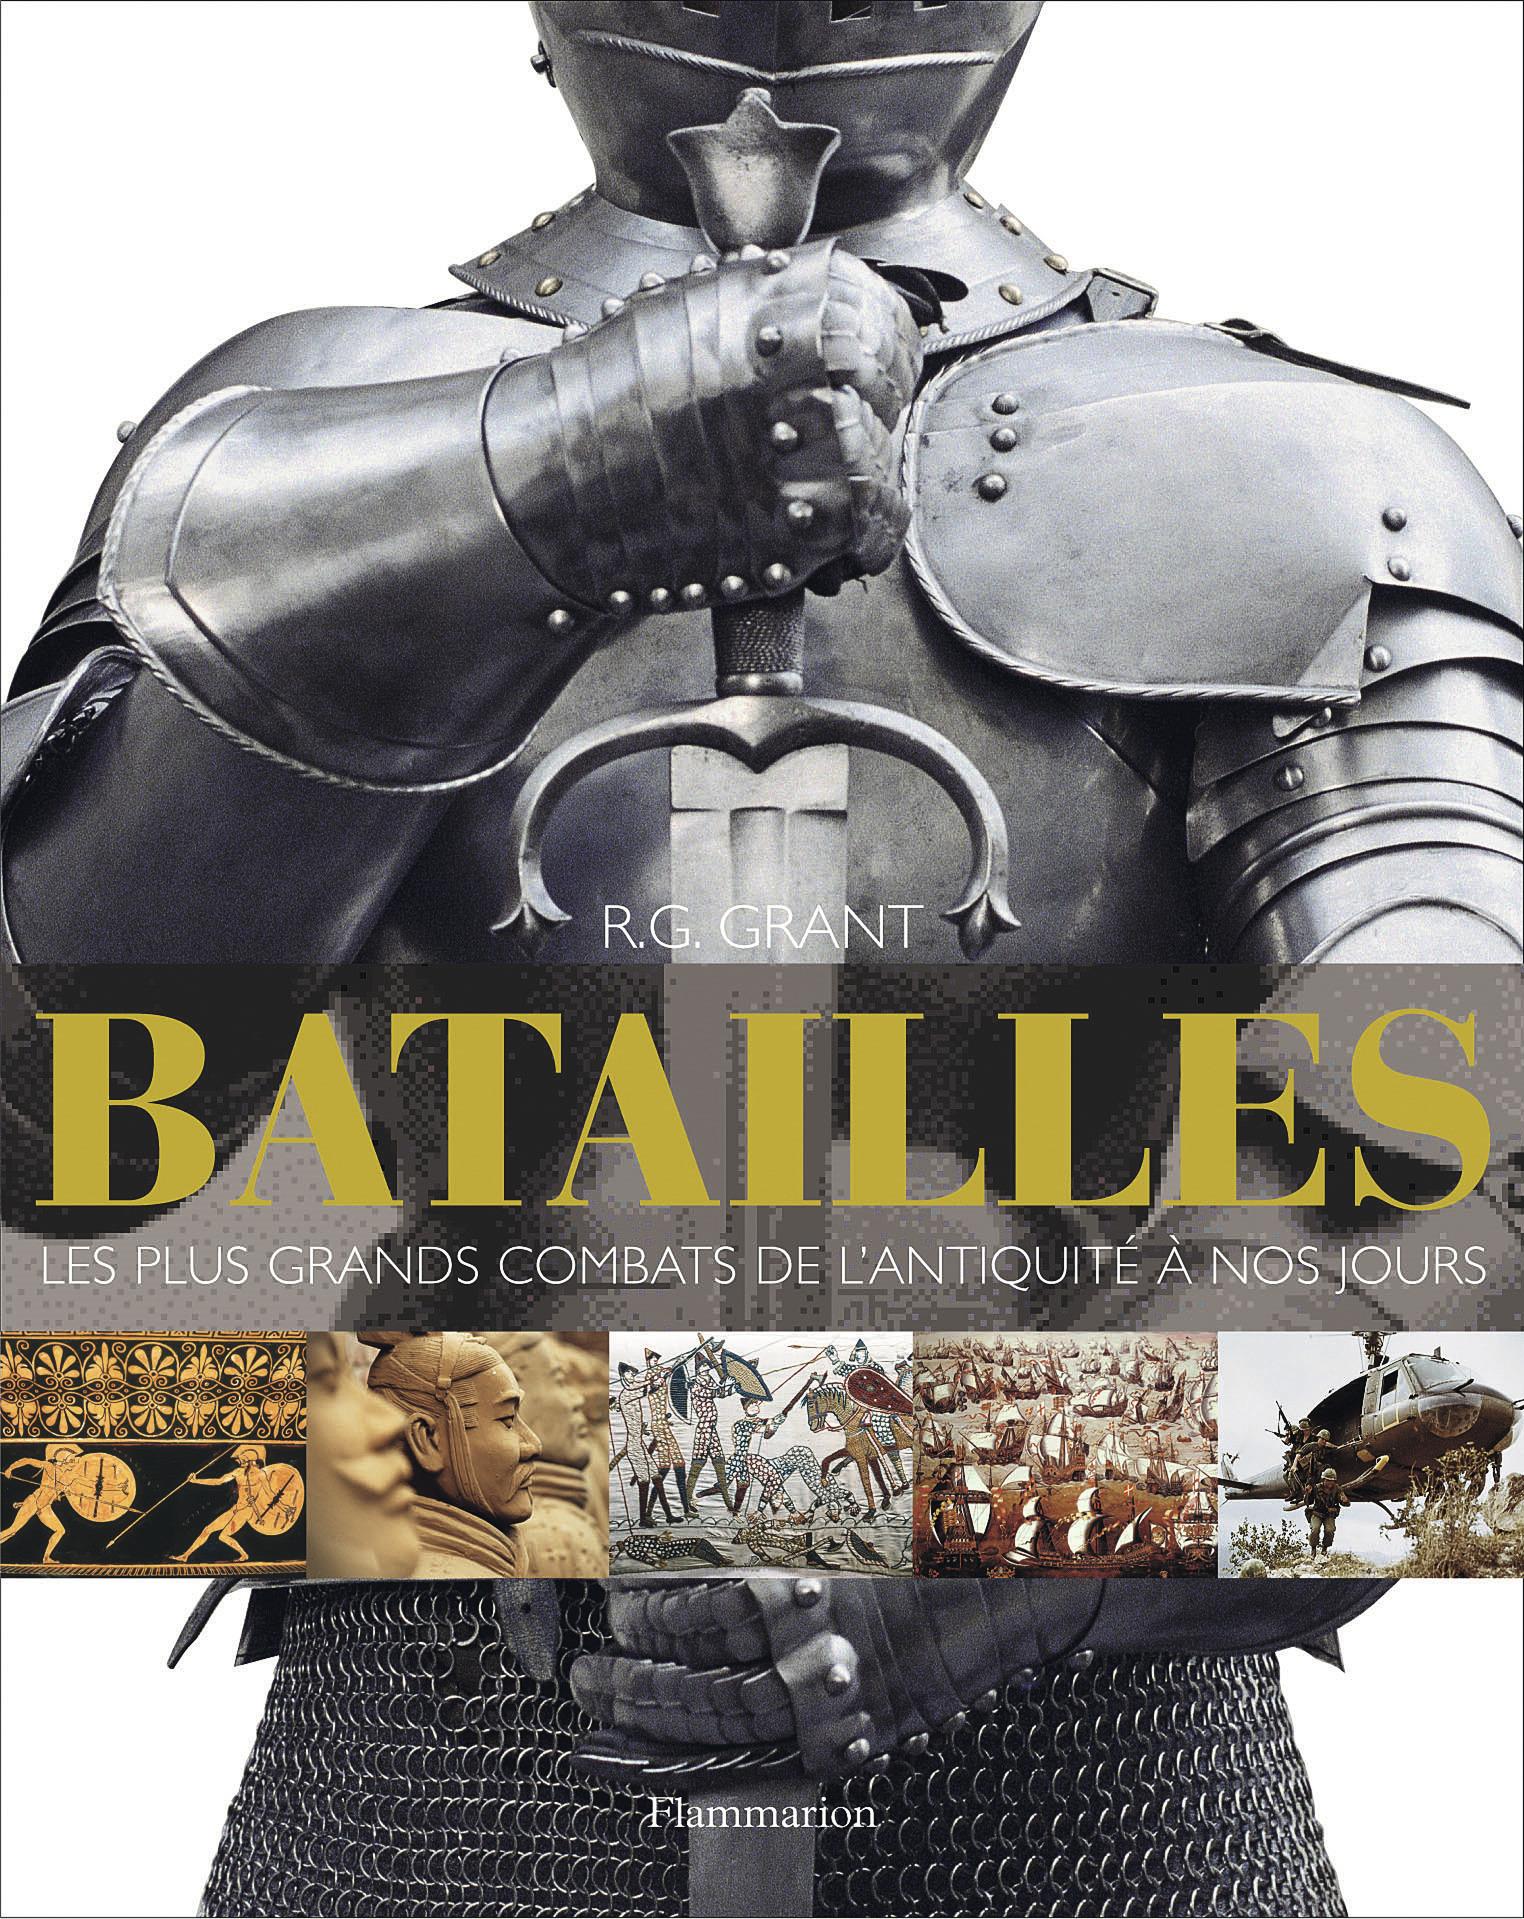 BATAILLES - LES PLUS GRANDS COMBATS DE L'ANTIQUITE A NOS JOURS